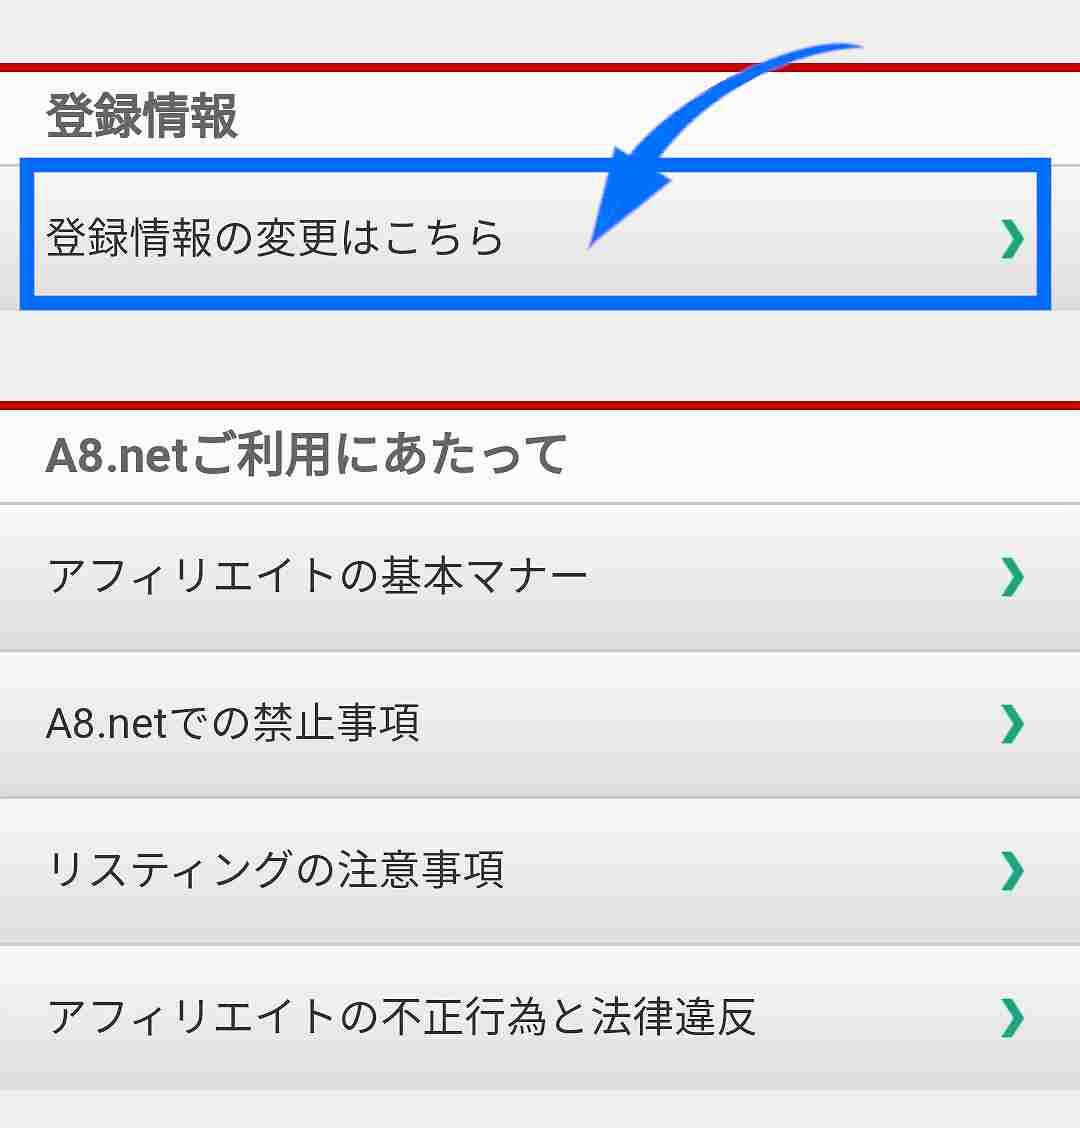 A8.netの口座変更登録の管理画面トップから登録情報の変更はこちら